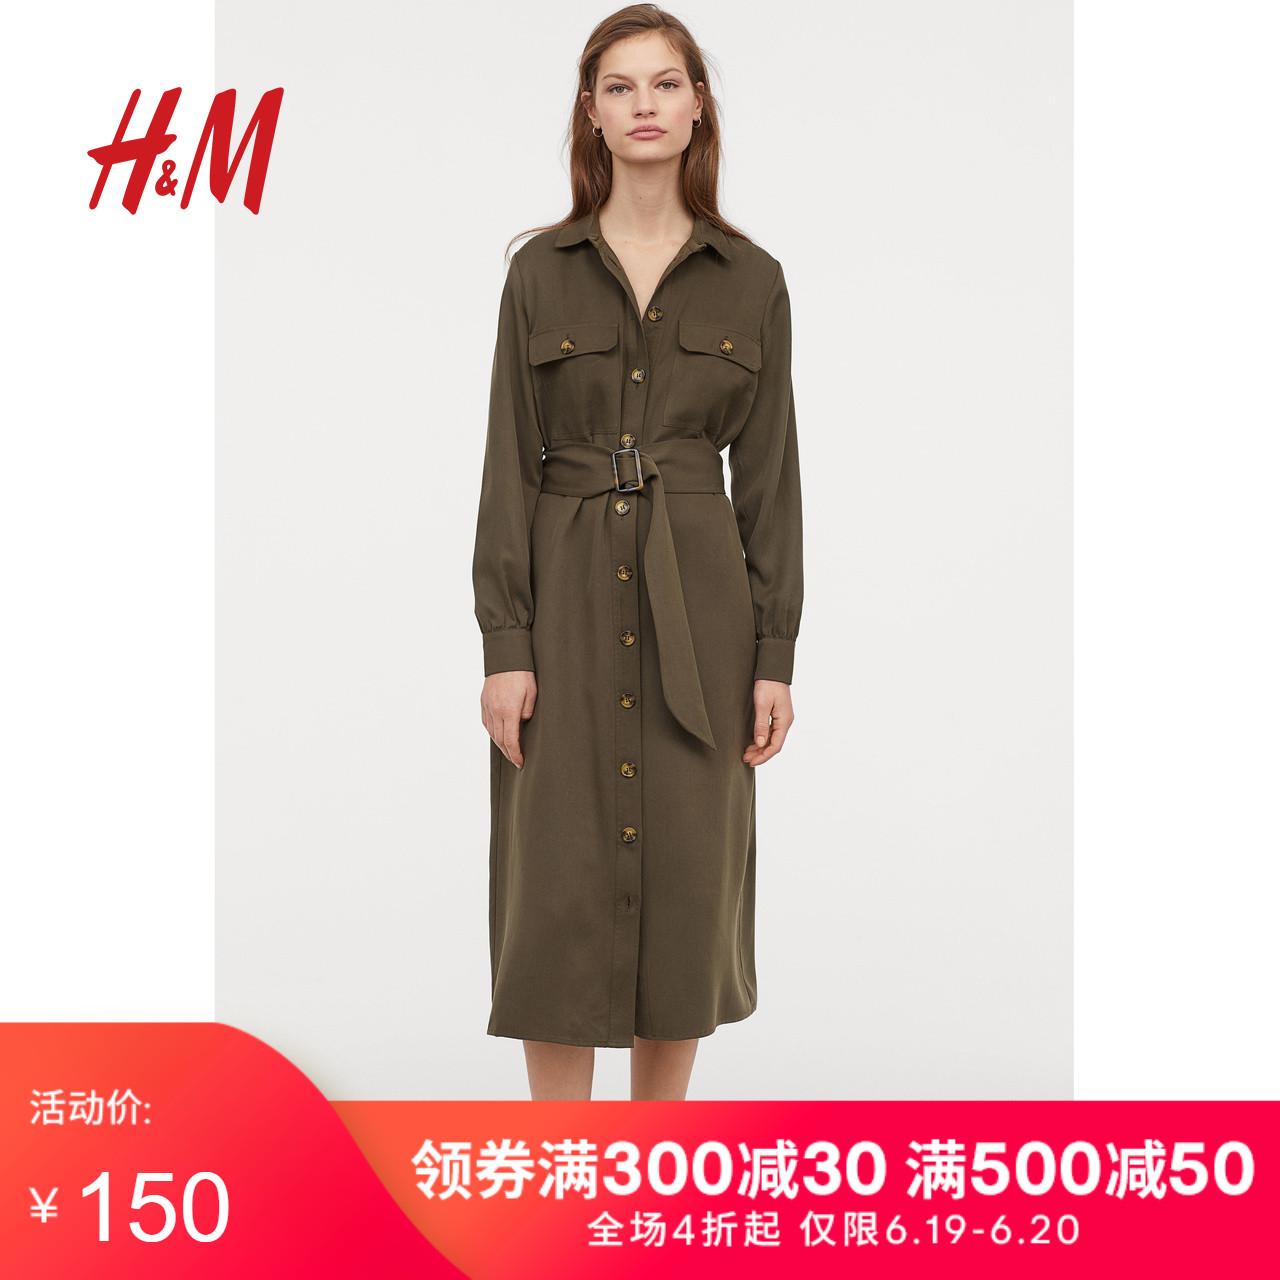 H&M 女装衬衫裙2019年?#26477;?#26032;款 衬衫式连衣裙 HM0676933